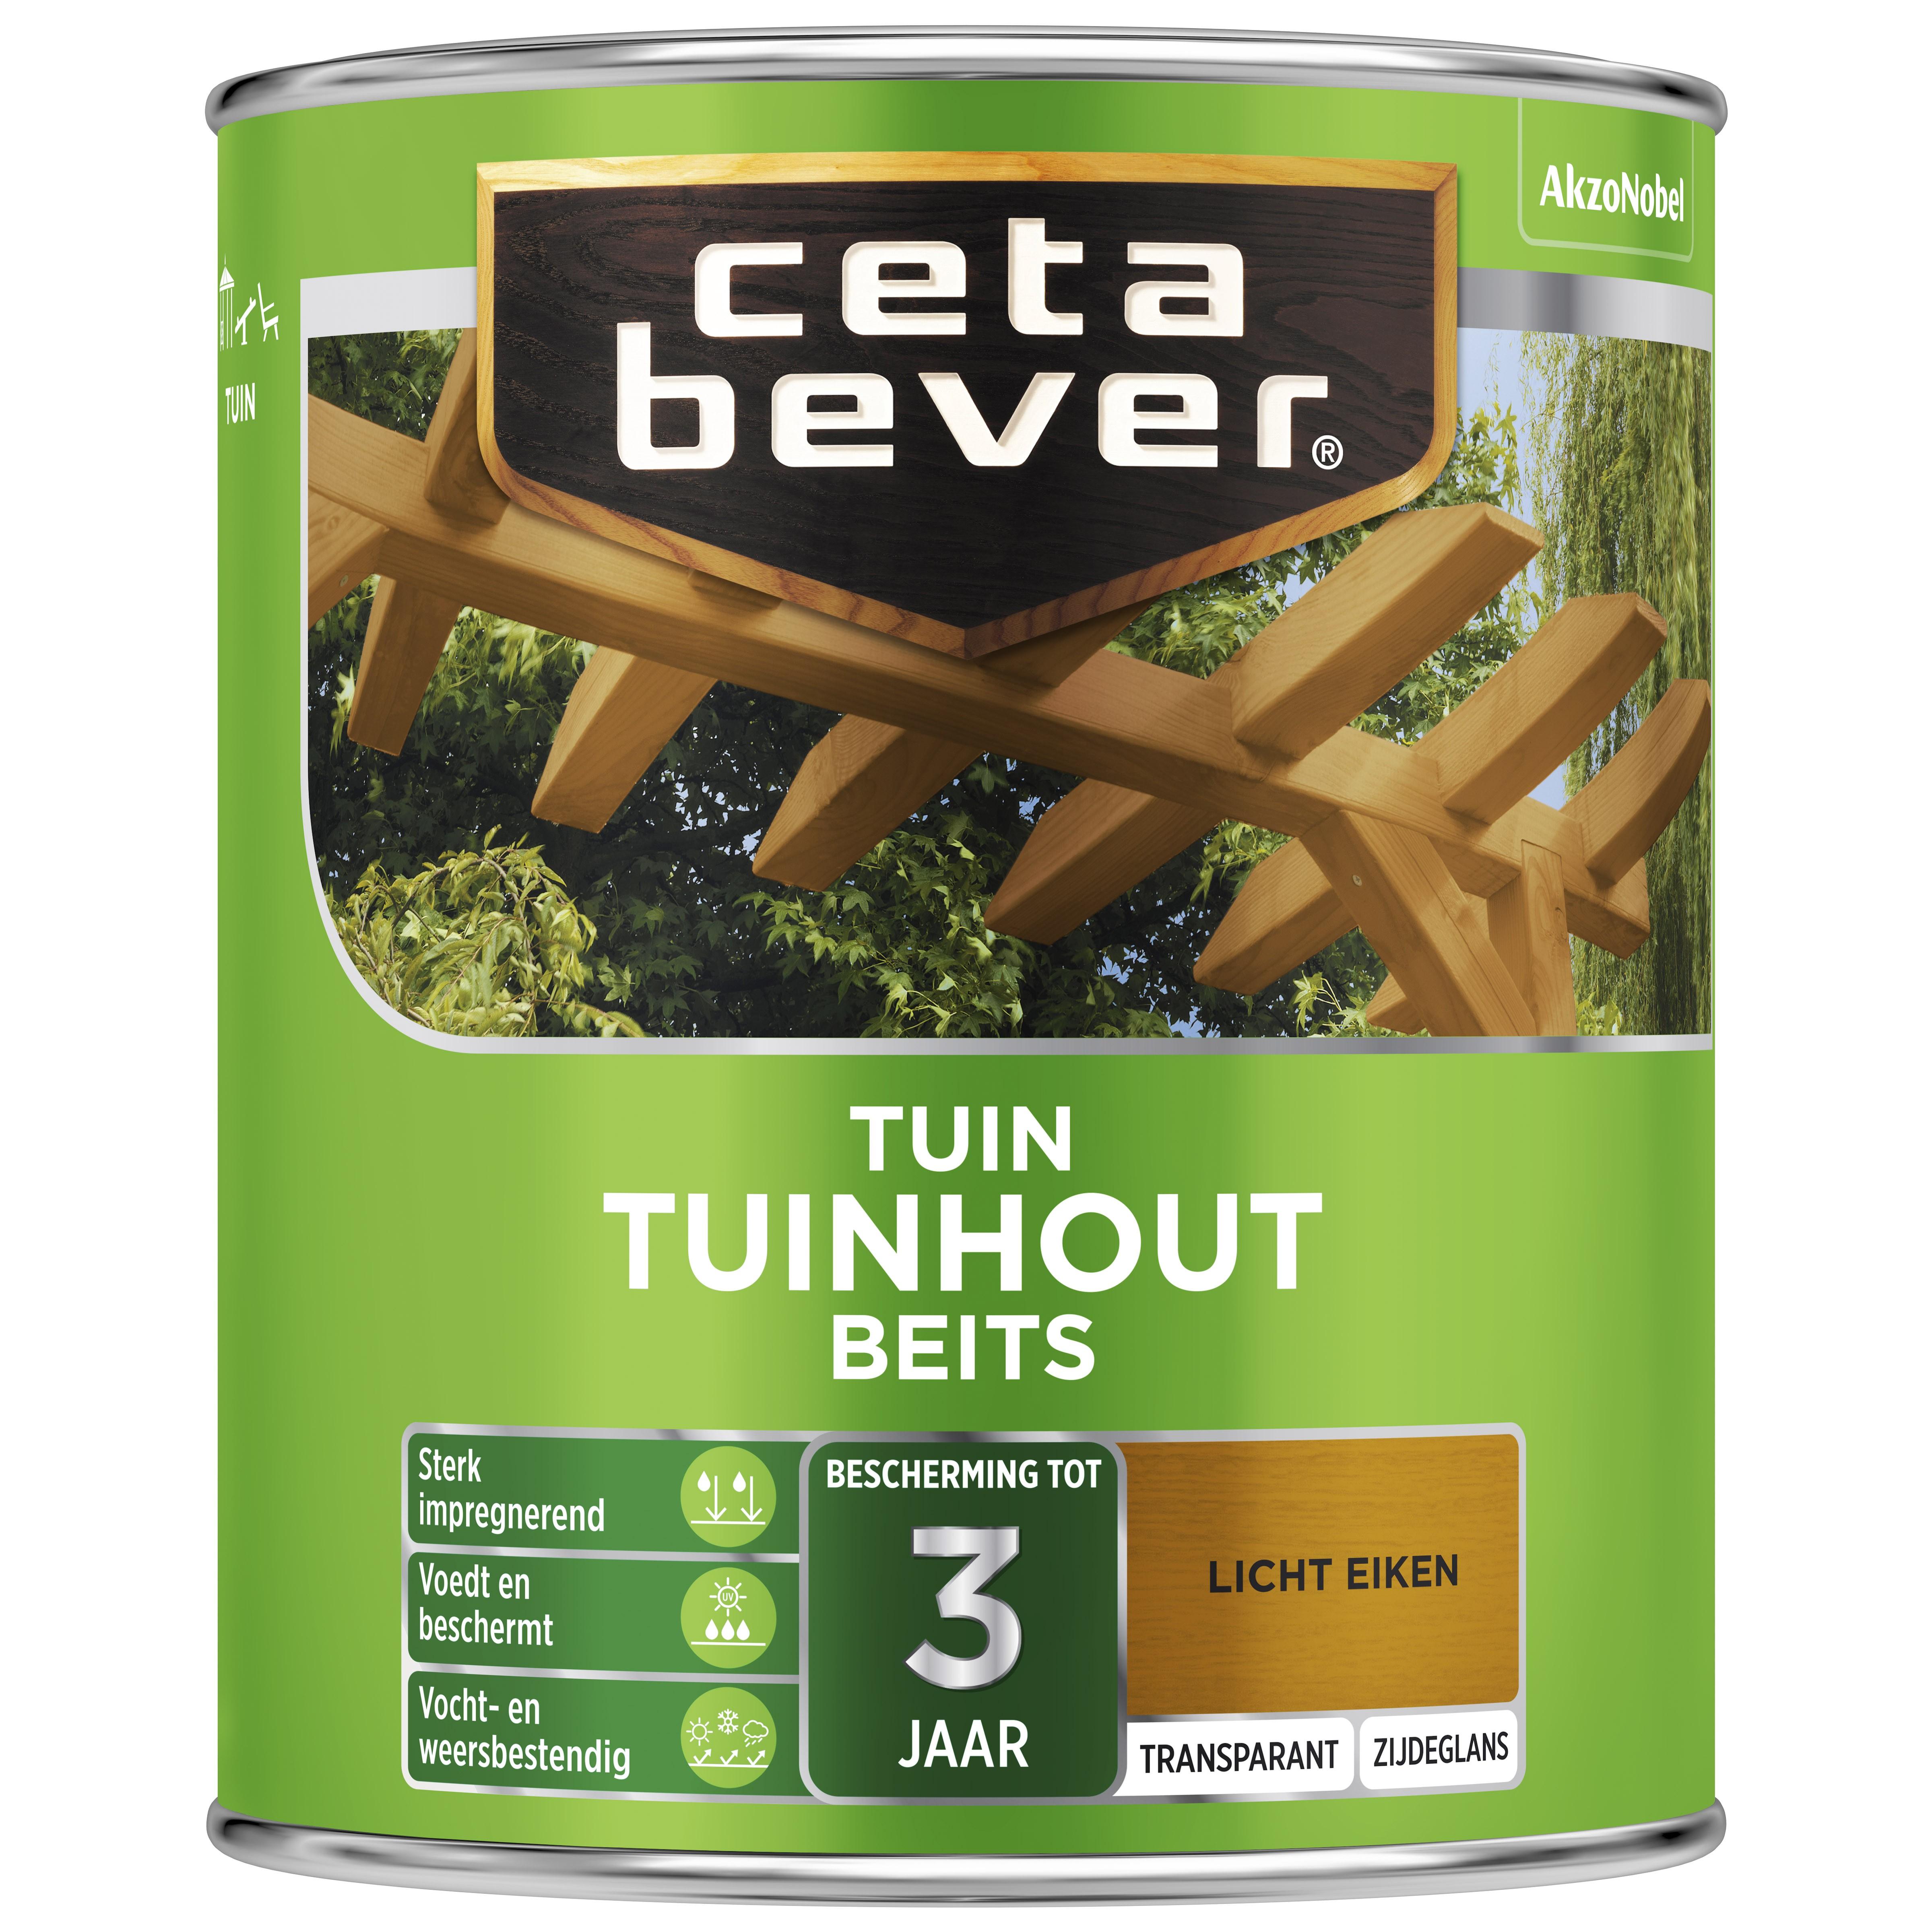 Afbeelding van CetaBever Tuinbeits Transparant 0 75 liter licht eiken 006